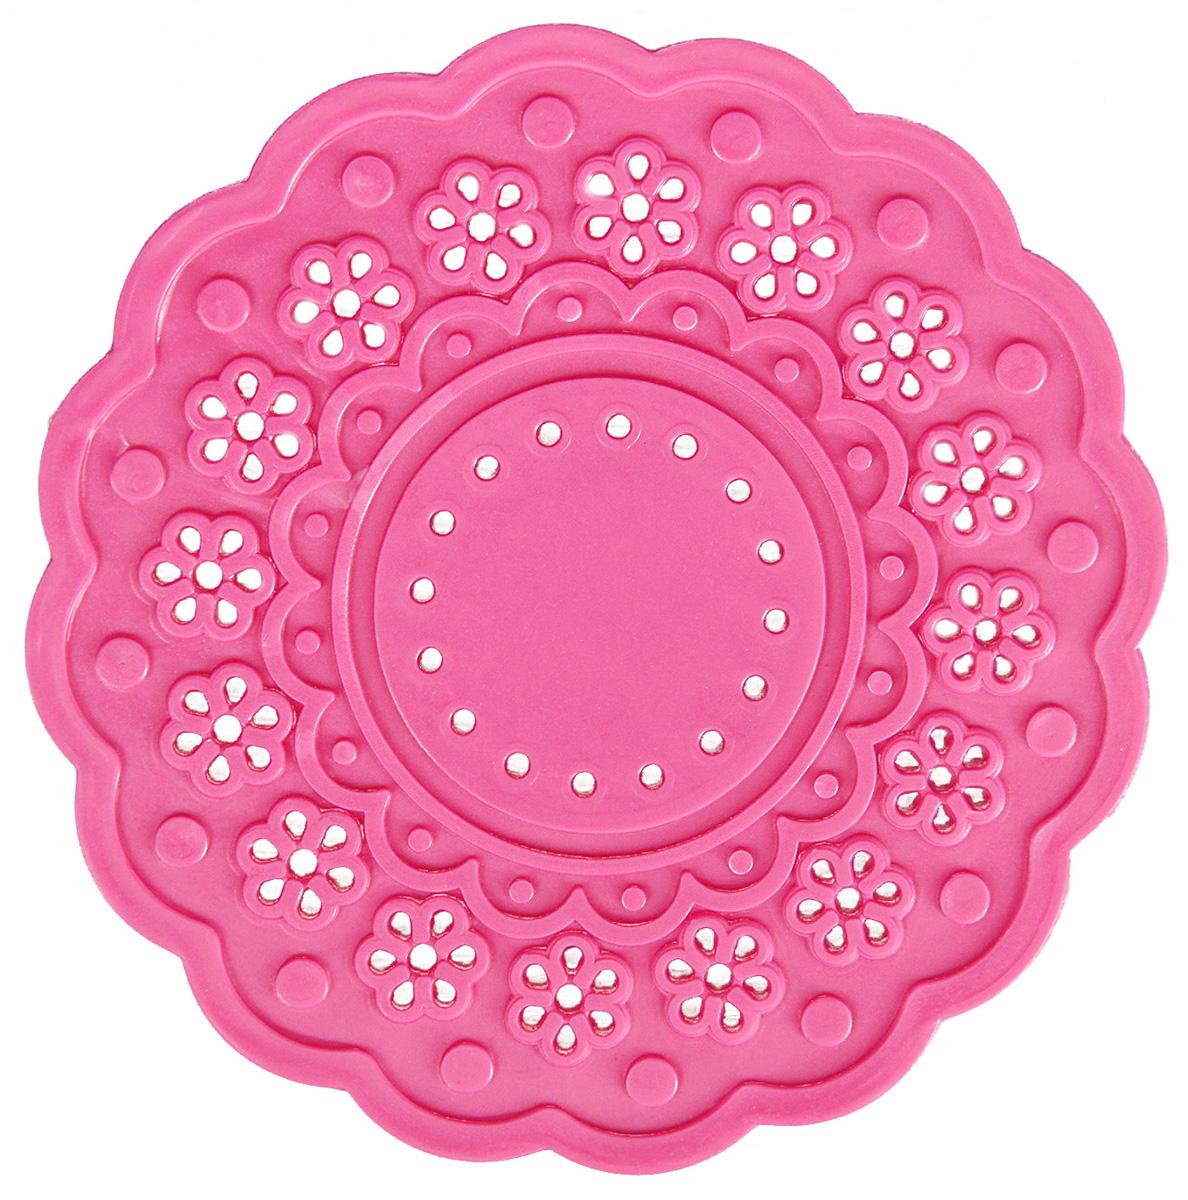 Набор подставок под горячее Доляна Затея, цвет: розовый, 10 см, 4 шт830227_розовыйСиликоновая подставка под горячее — практичный предмет, который обязательно пригодится в хозяйстве. Изделие поможет сберечь столы, тумбы, скатерти и клеёнки от повреждения нагретыми сковородами, кастрюлями, чайниками и тарелками.